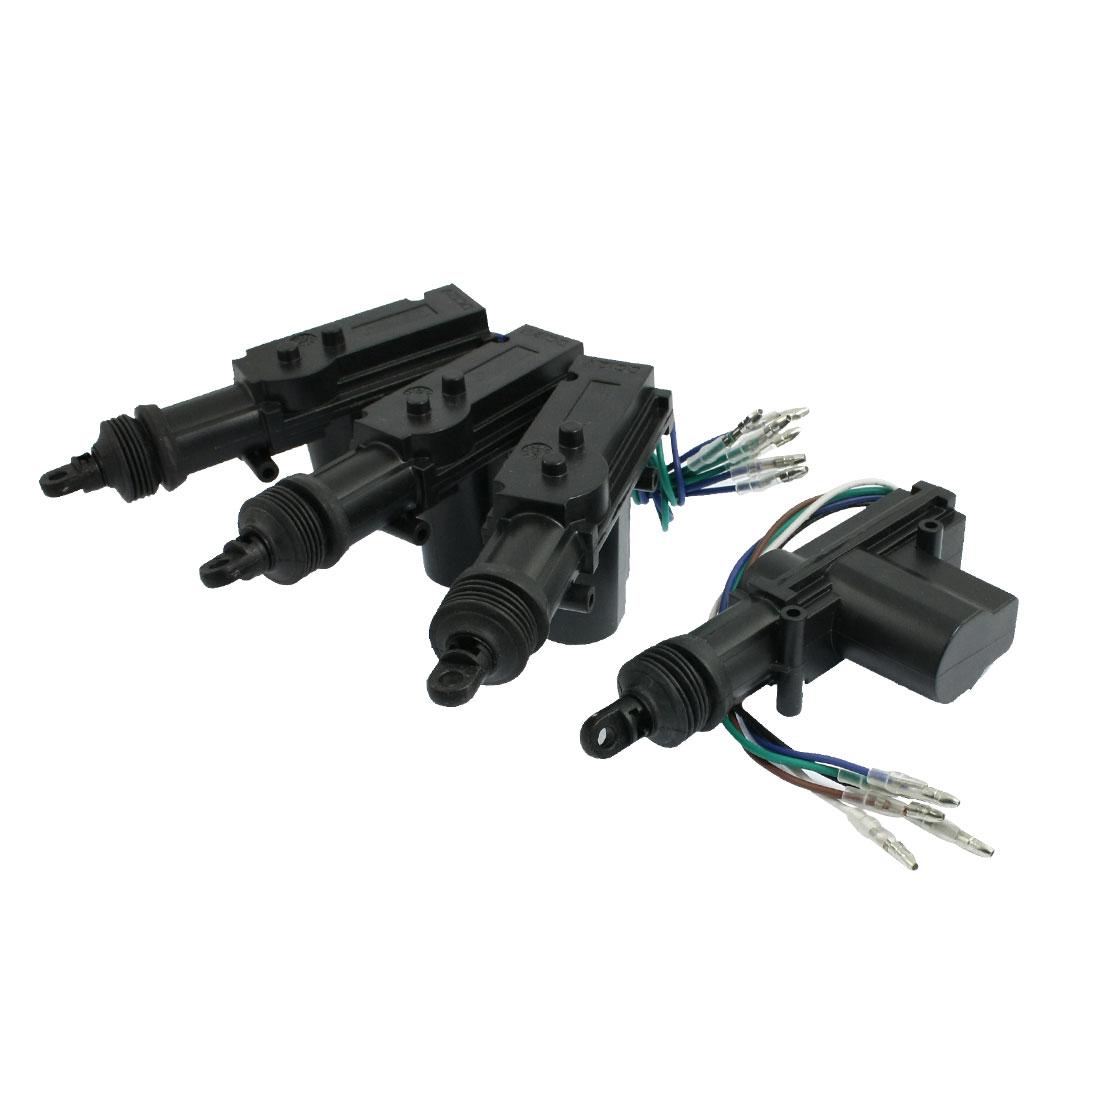 Vehicles Car Central Entry 4 Door Lock Locking System Kits Black 12V